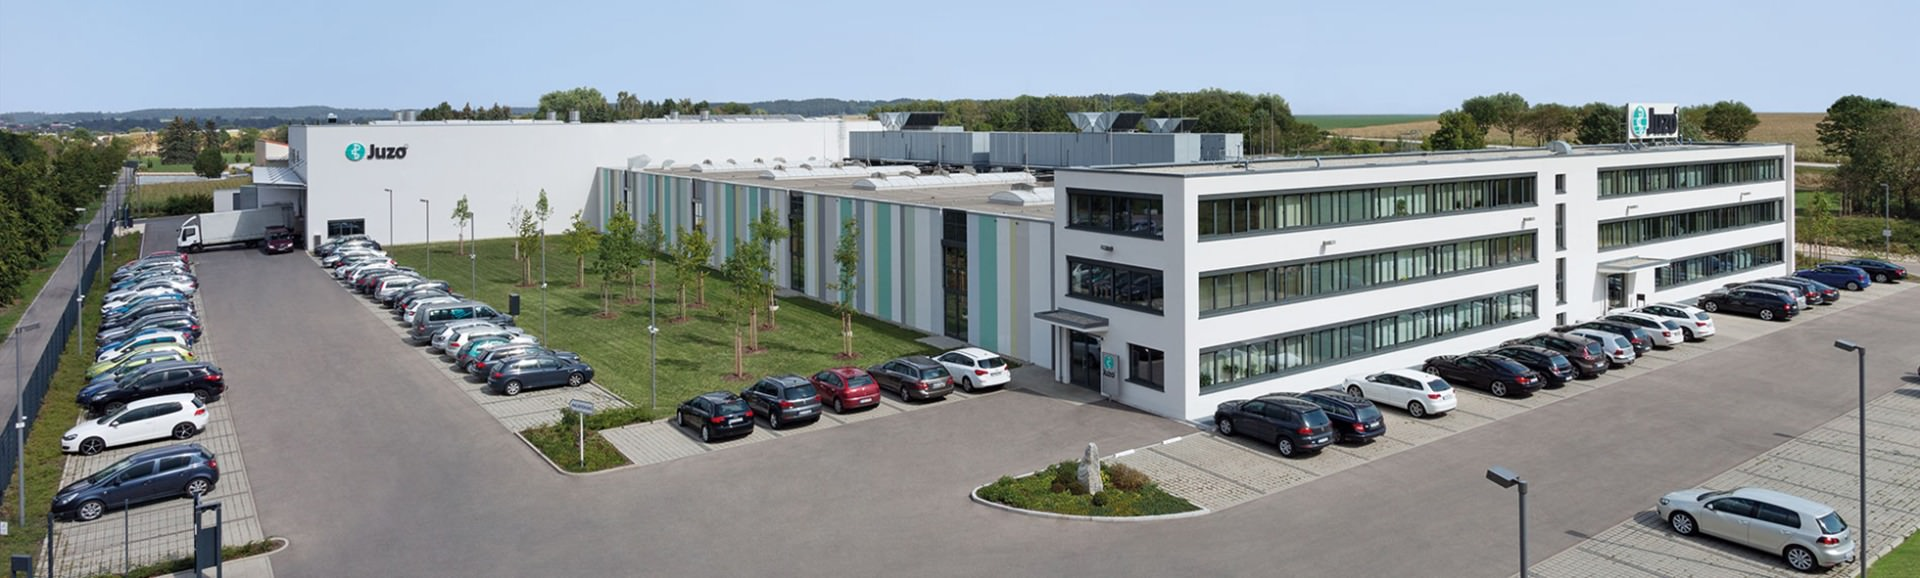 sportomedix - eine Marke der Julius Zorn GmbH (Juzo)